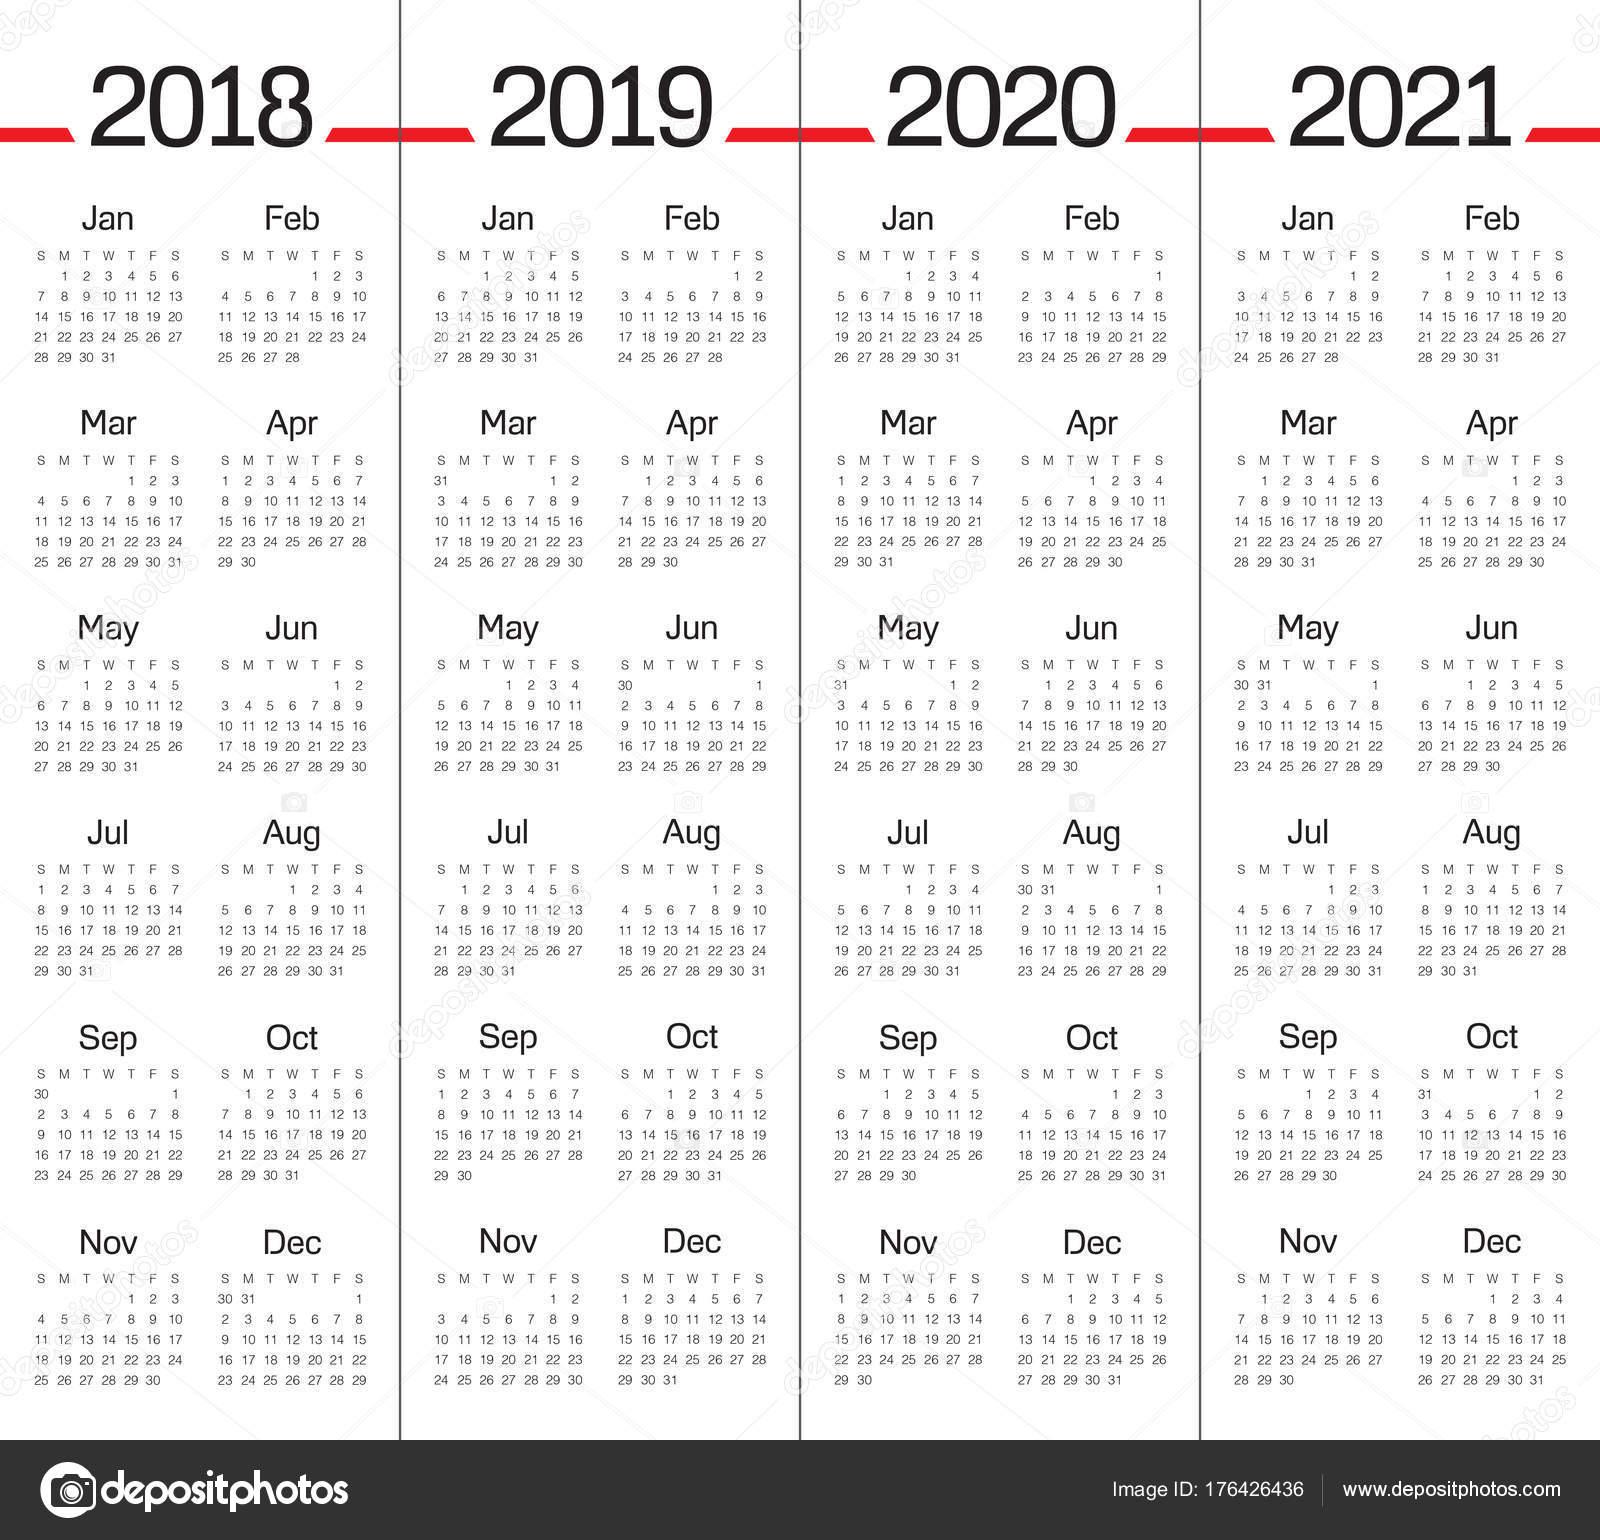 Calendario 2020 Vector Gratis En Espanol.Year 2018 2019 2020 2021 Calendar Vector Stock Vector